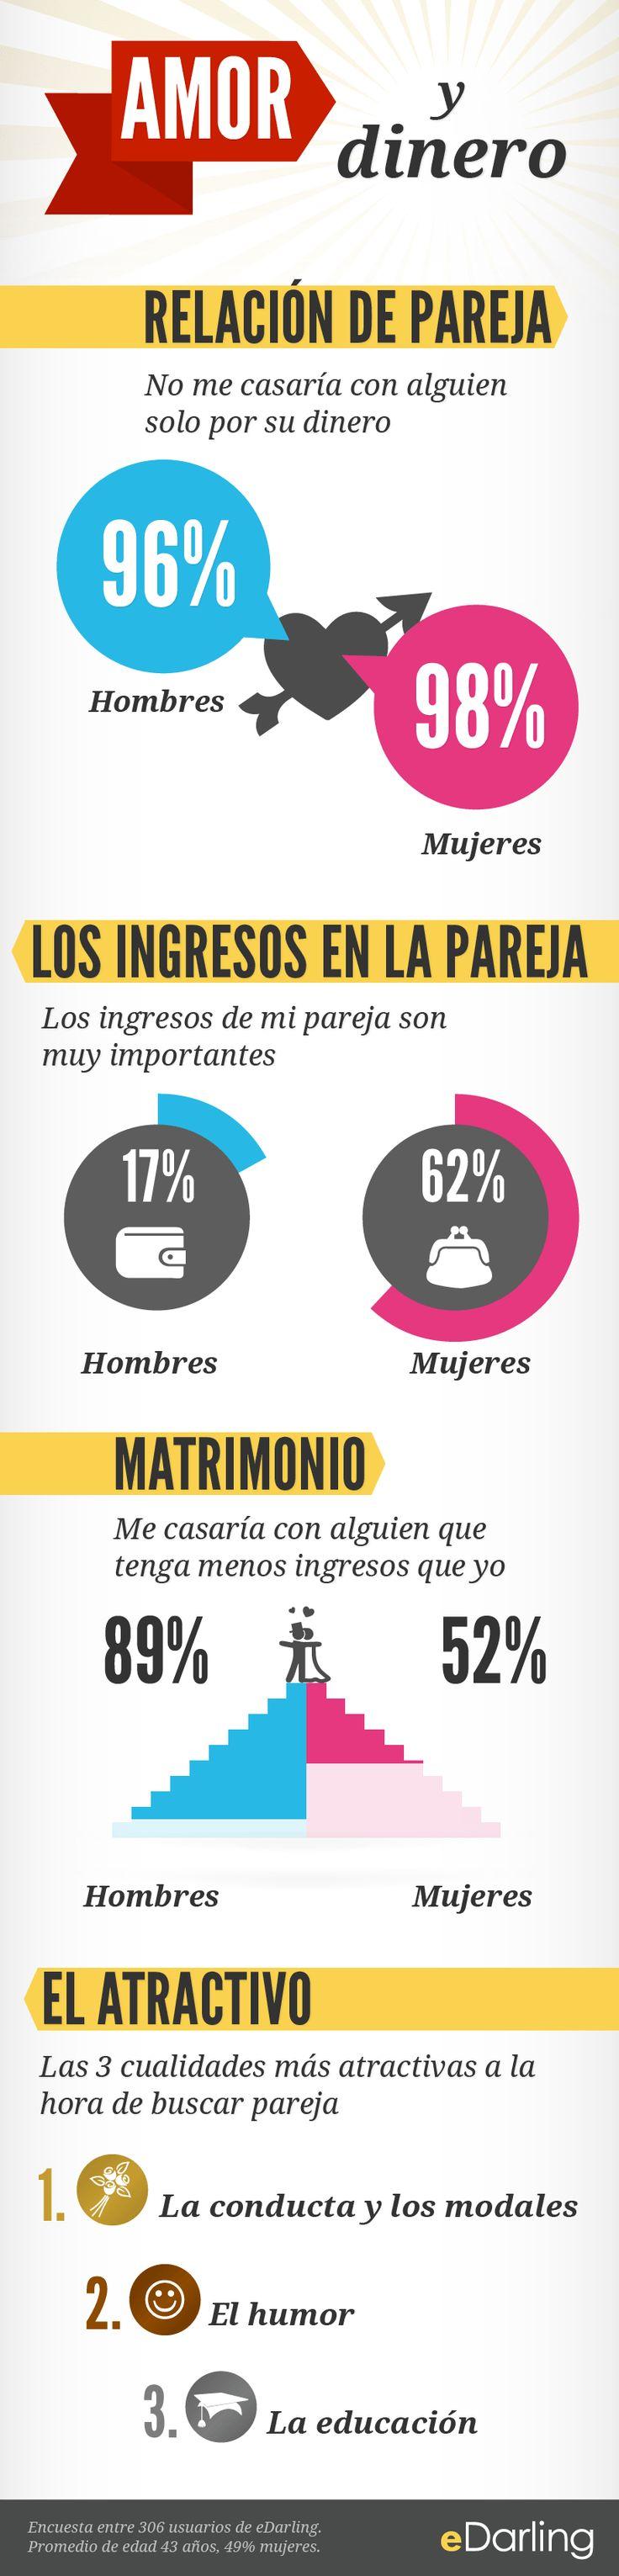 INFO GRÁFICO Amor y dinero - Encuesta entre 306 usuarios de eDarling. Promedio de edad 43 años, 49% mujeres.